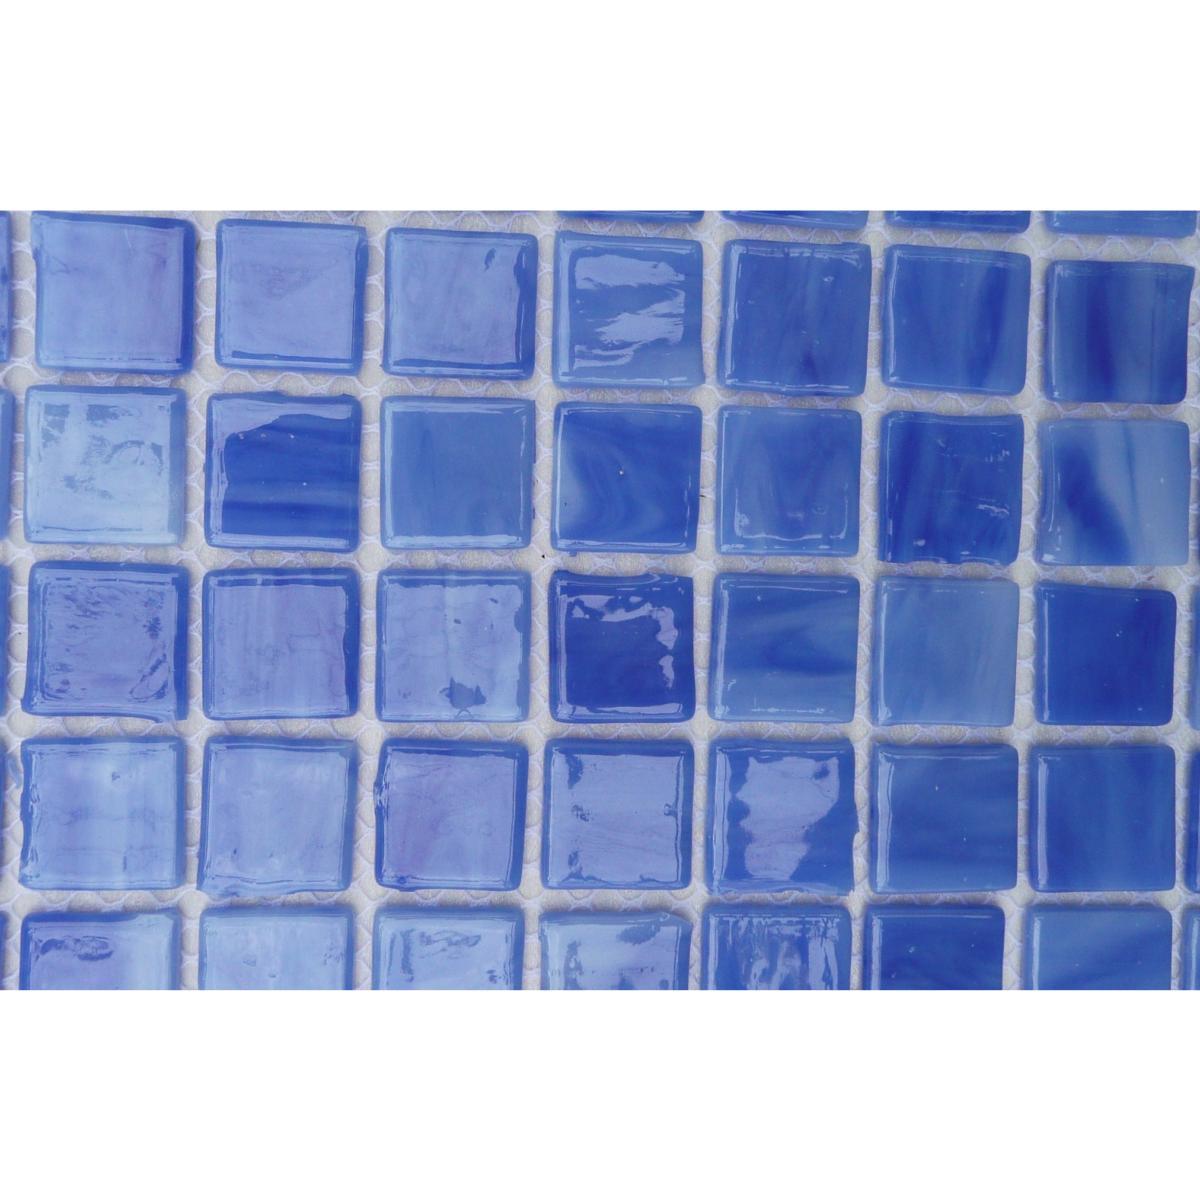 Mosaique De Verre Americain Vitraux Achat Et Vente De Mosaique Bleu Pastel Fonce Plaque